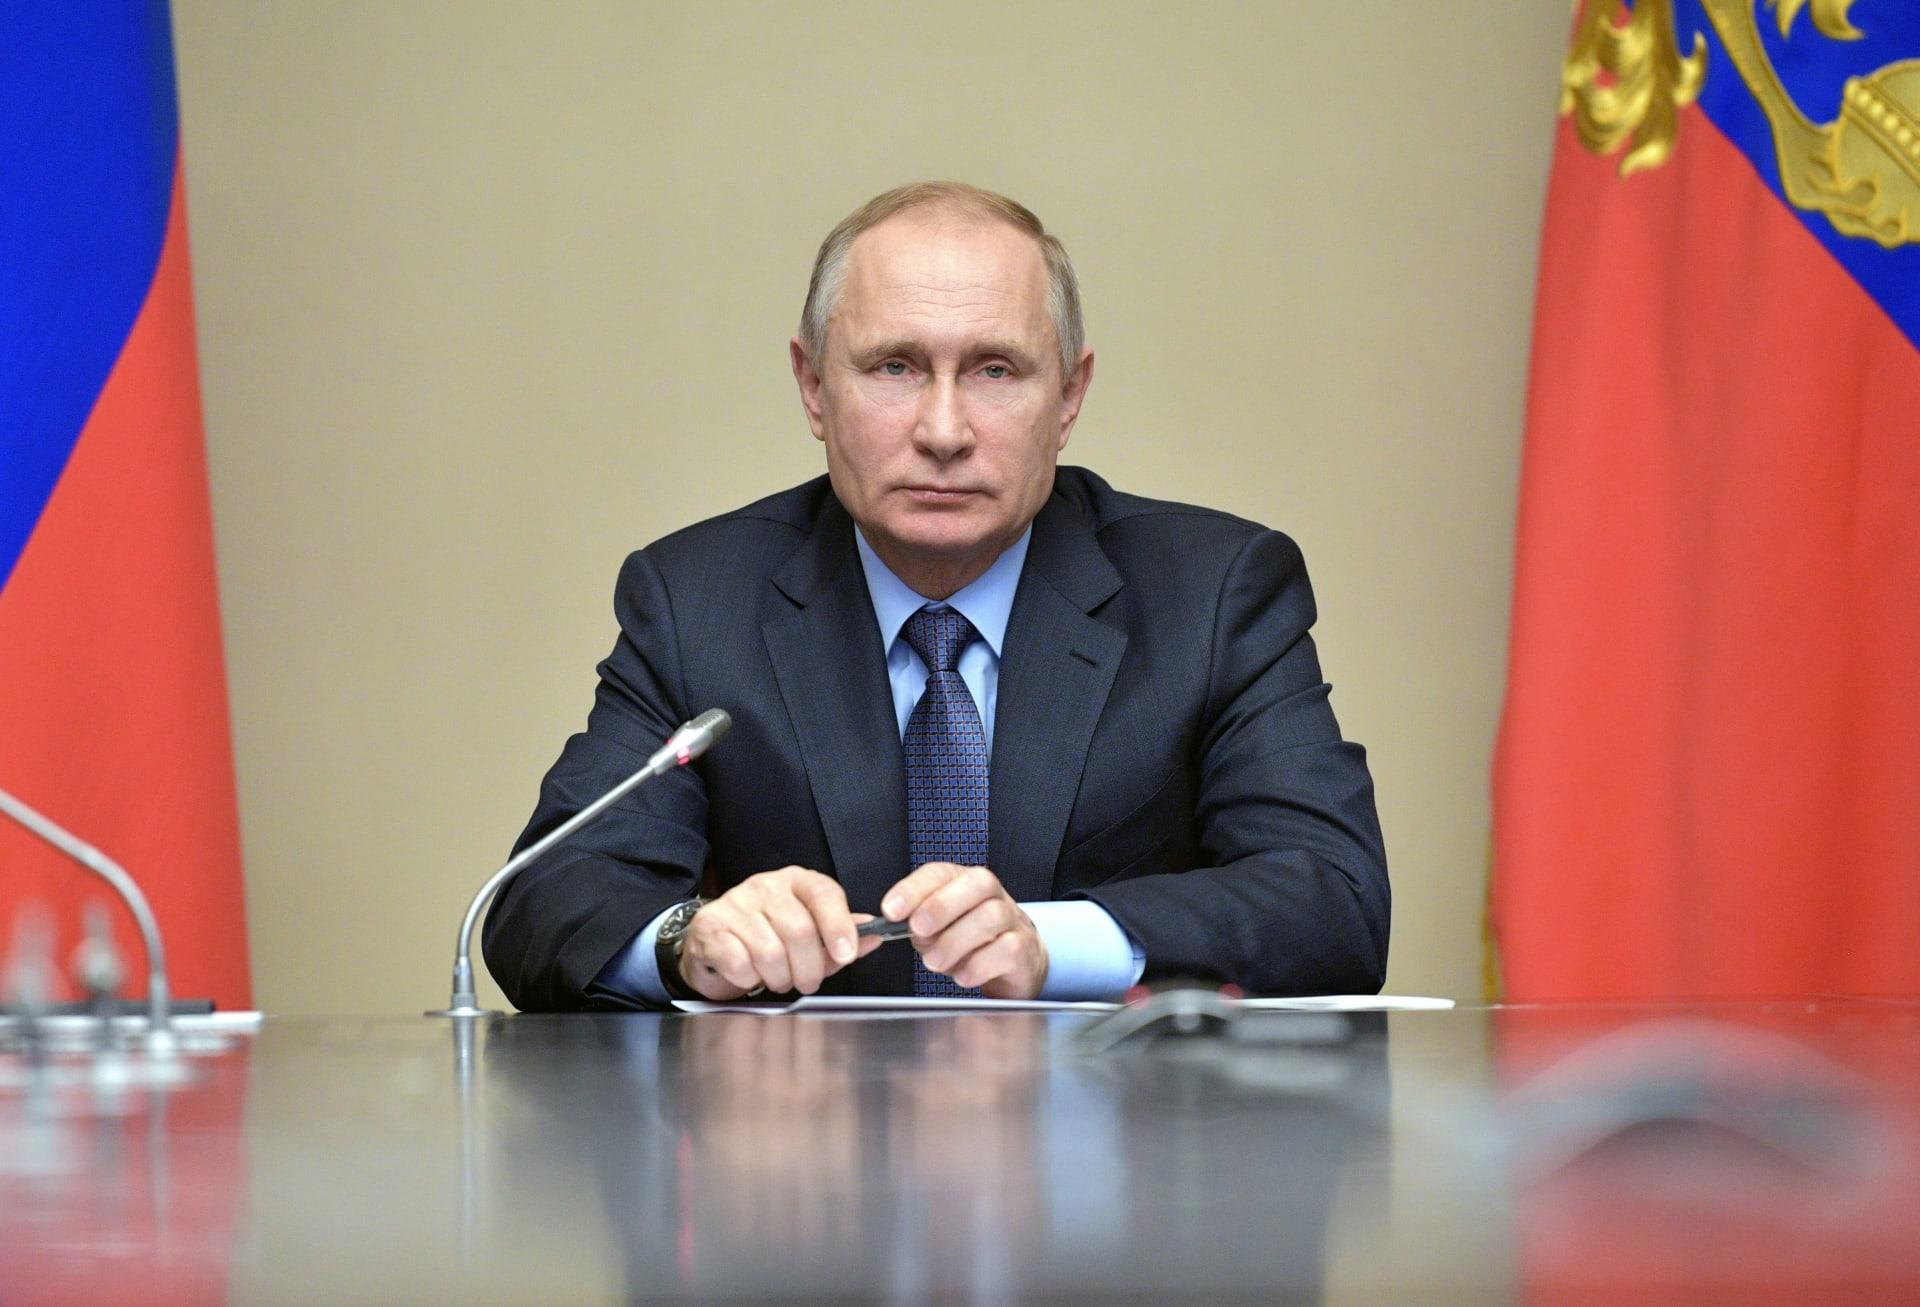 بوتين يأمر بهدنة يومية بالغوطة ابتداء من الغد وإعلان فتح ممر إنساني